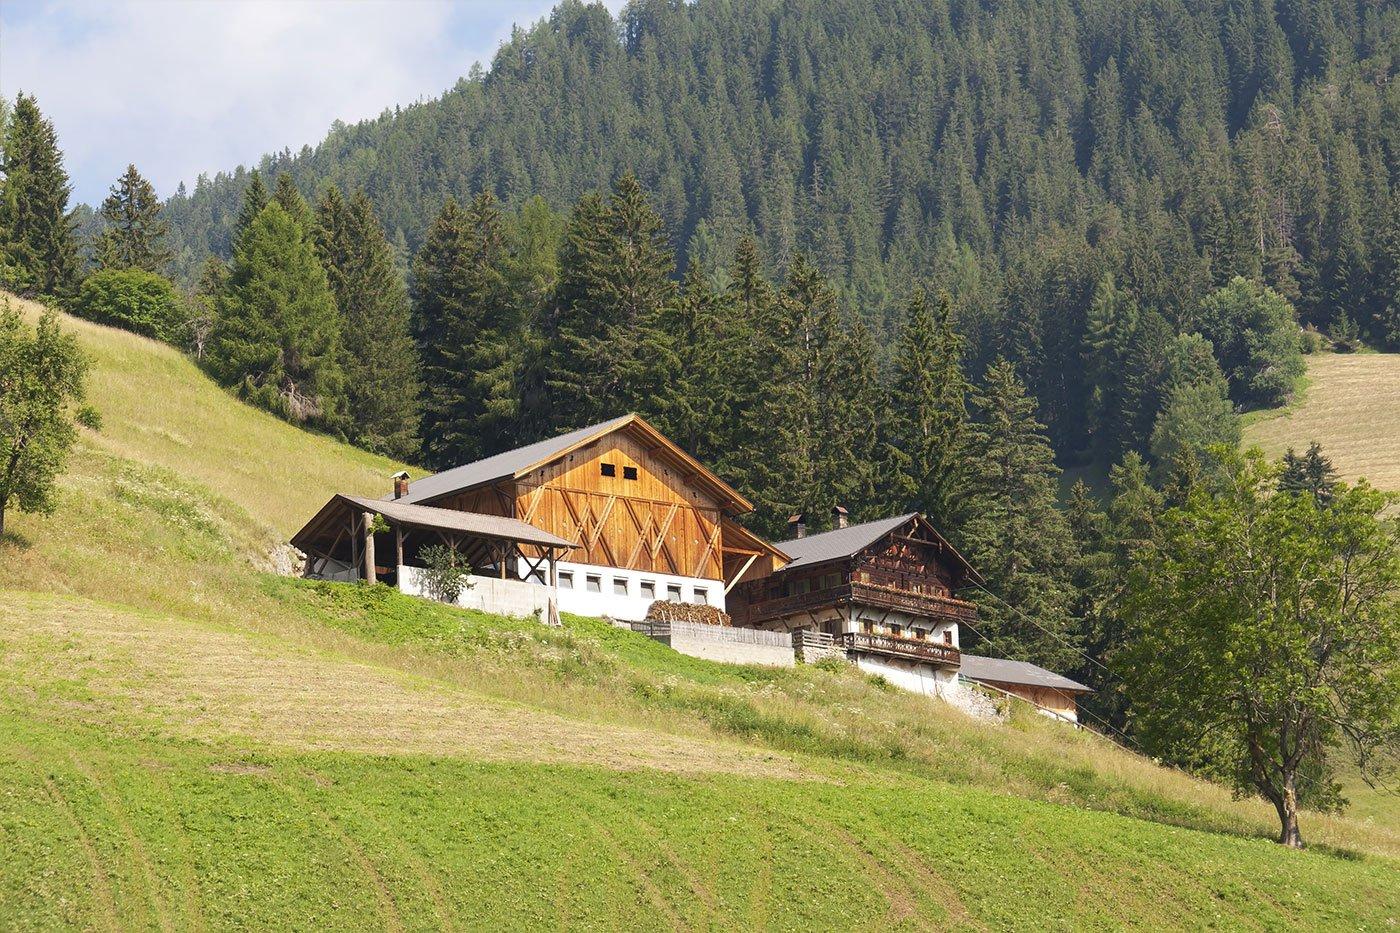 Due case di legno in una localtà di montagna con prato verde intorno e dei pini